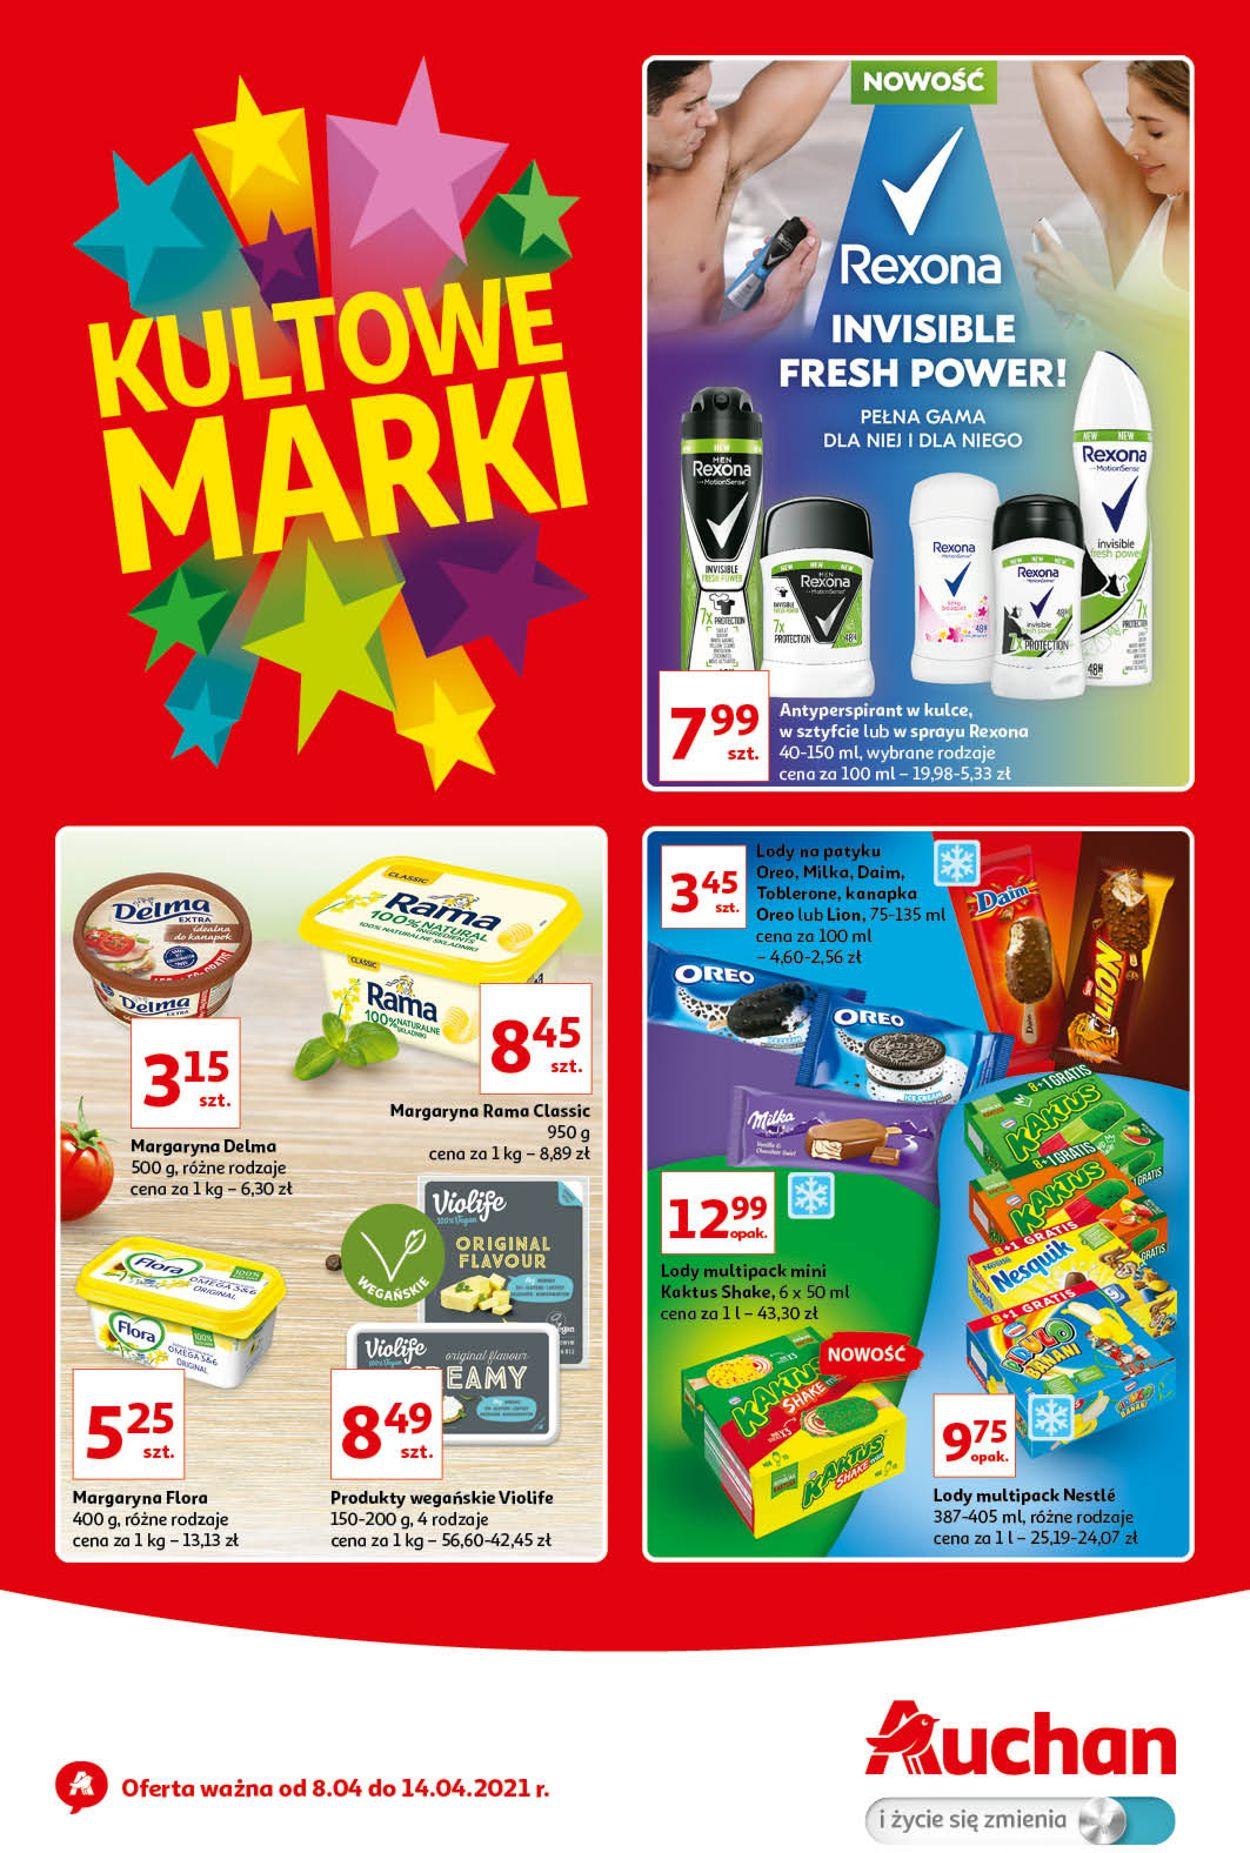 Gazetka promocyjna Auchan Kultowe marki Hipermarkety - 08.04-14.04.2021